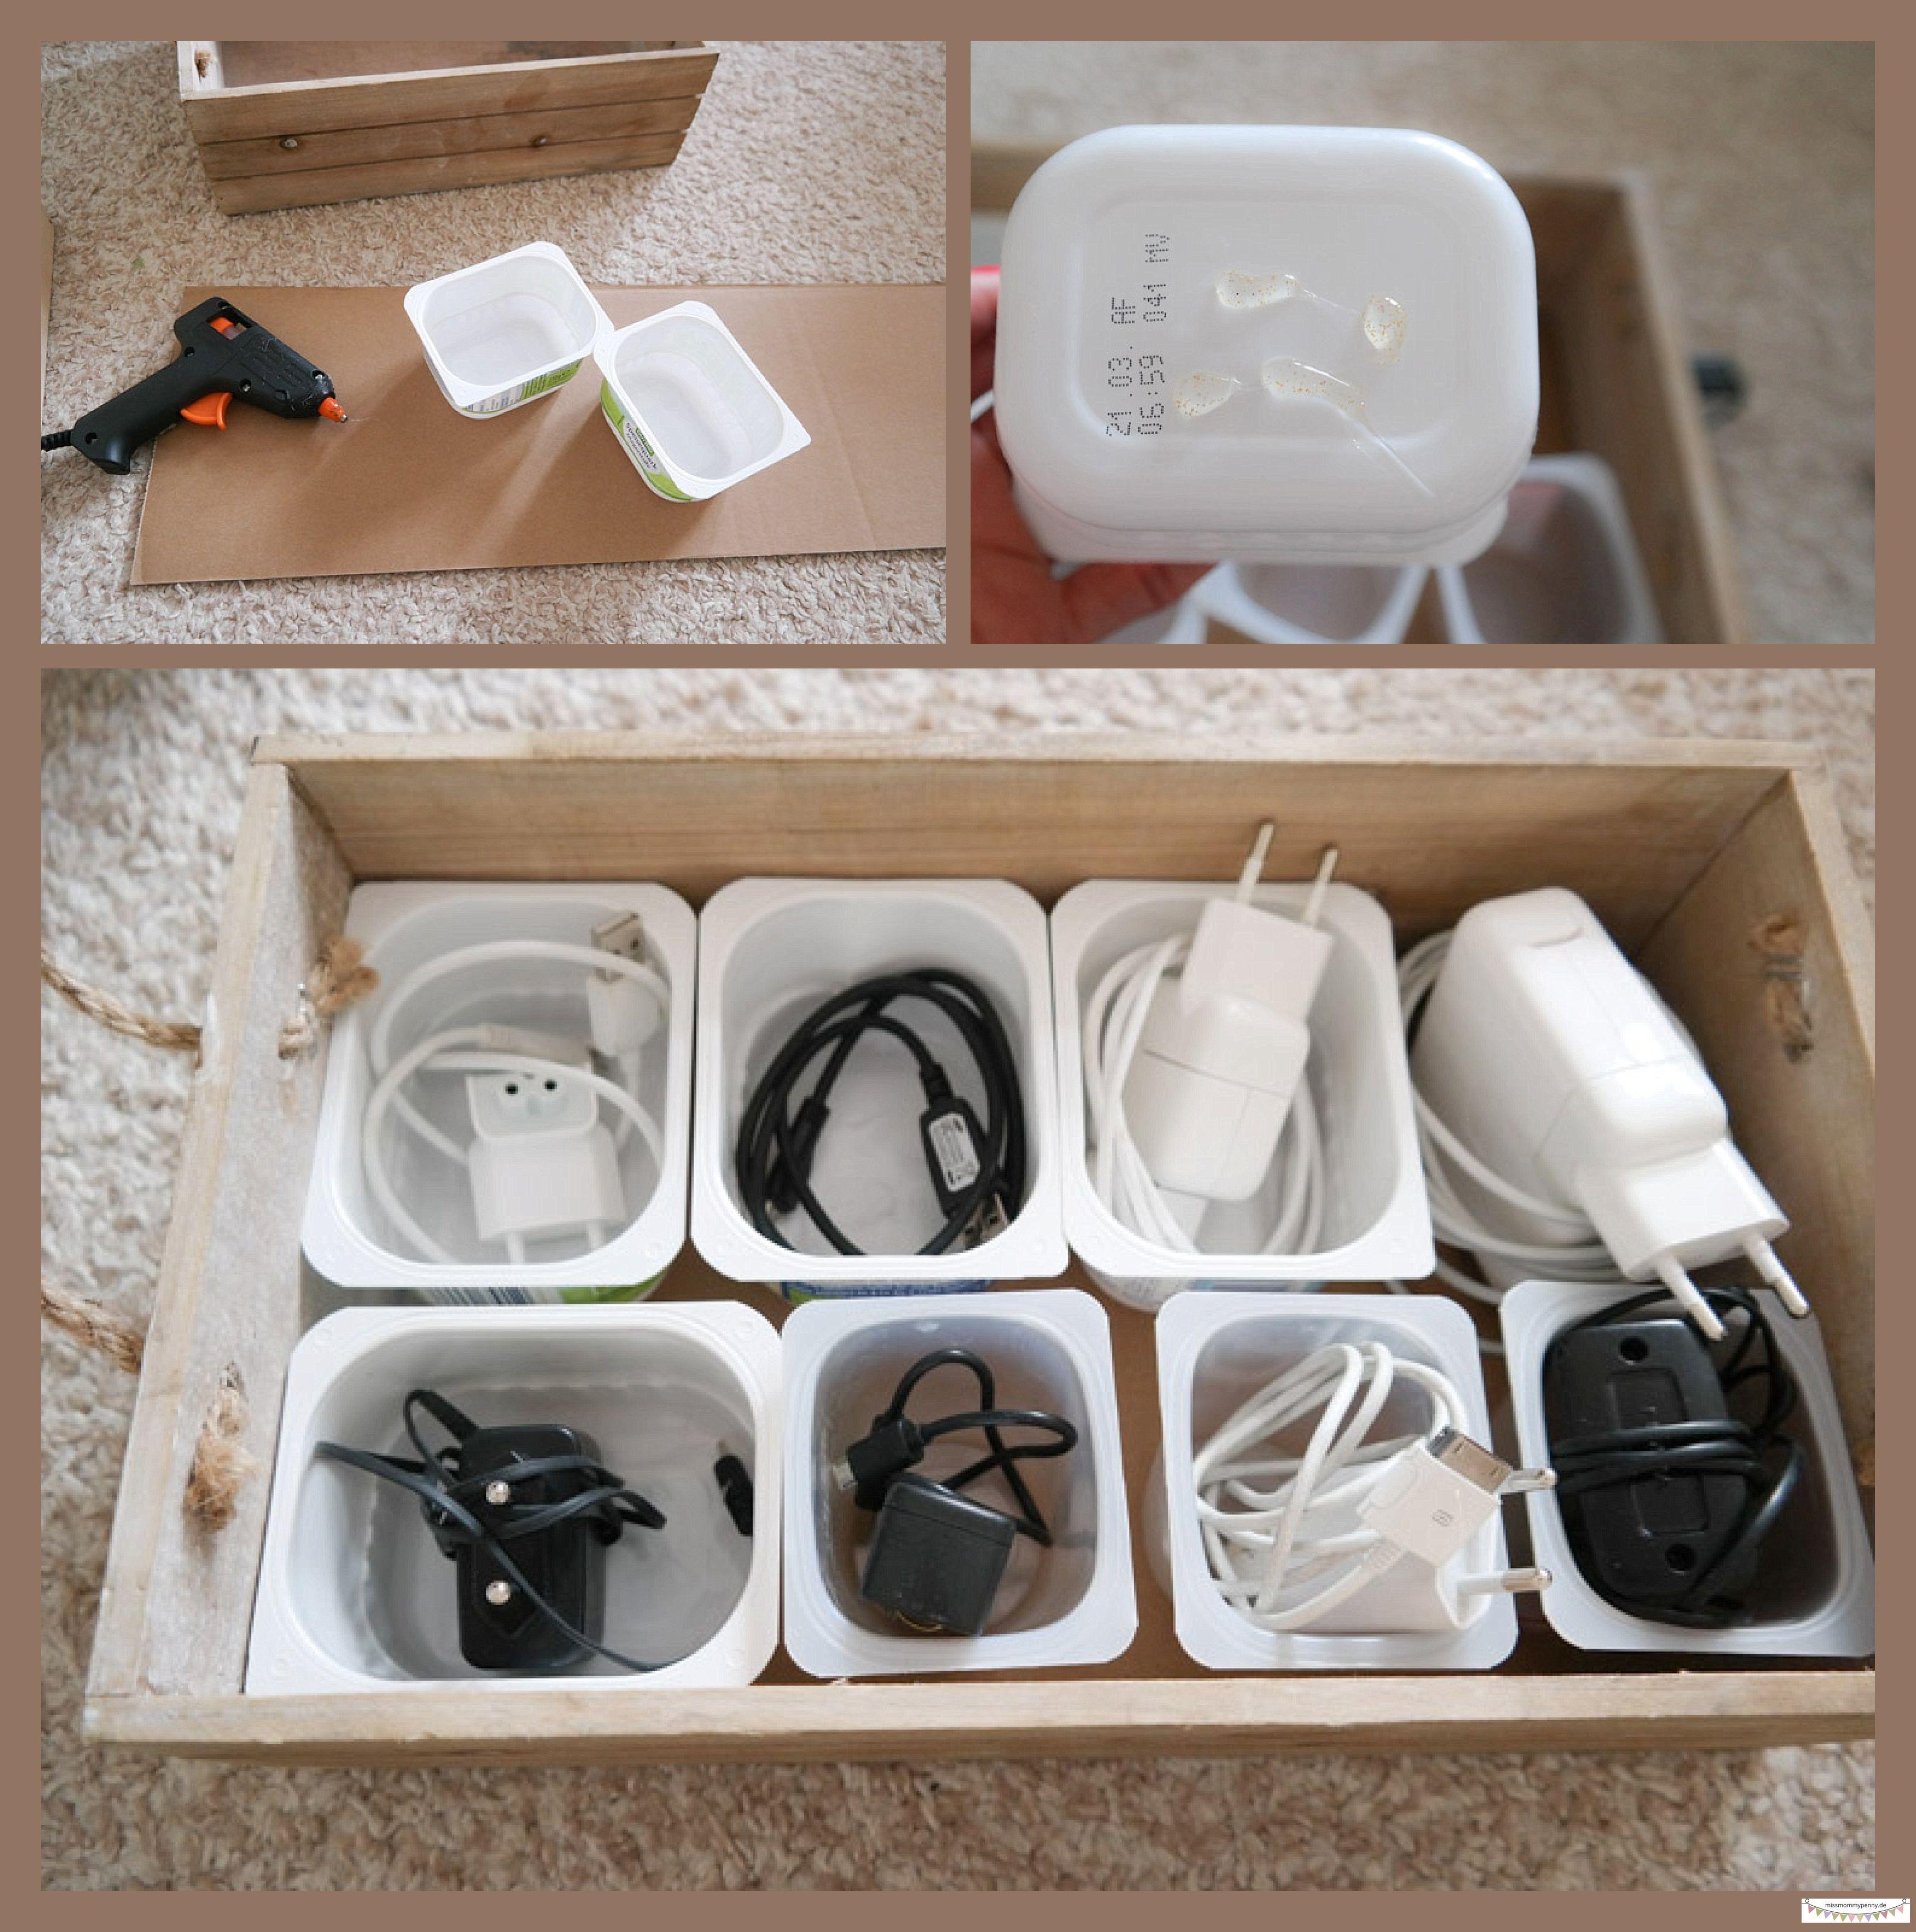 Kabel ordnen rel | Organisieren | Pinterest | Kabel, Verstecken und ...